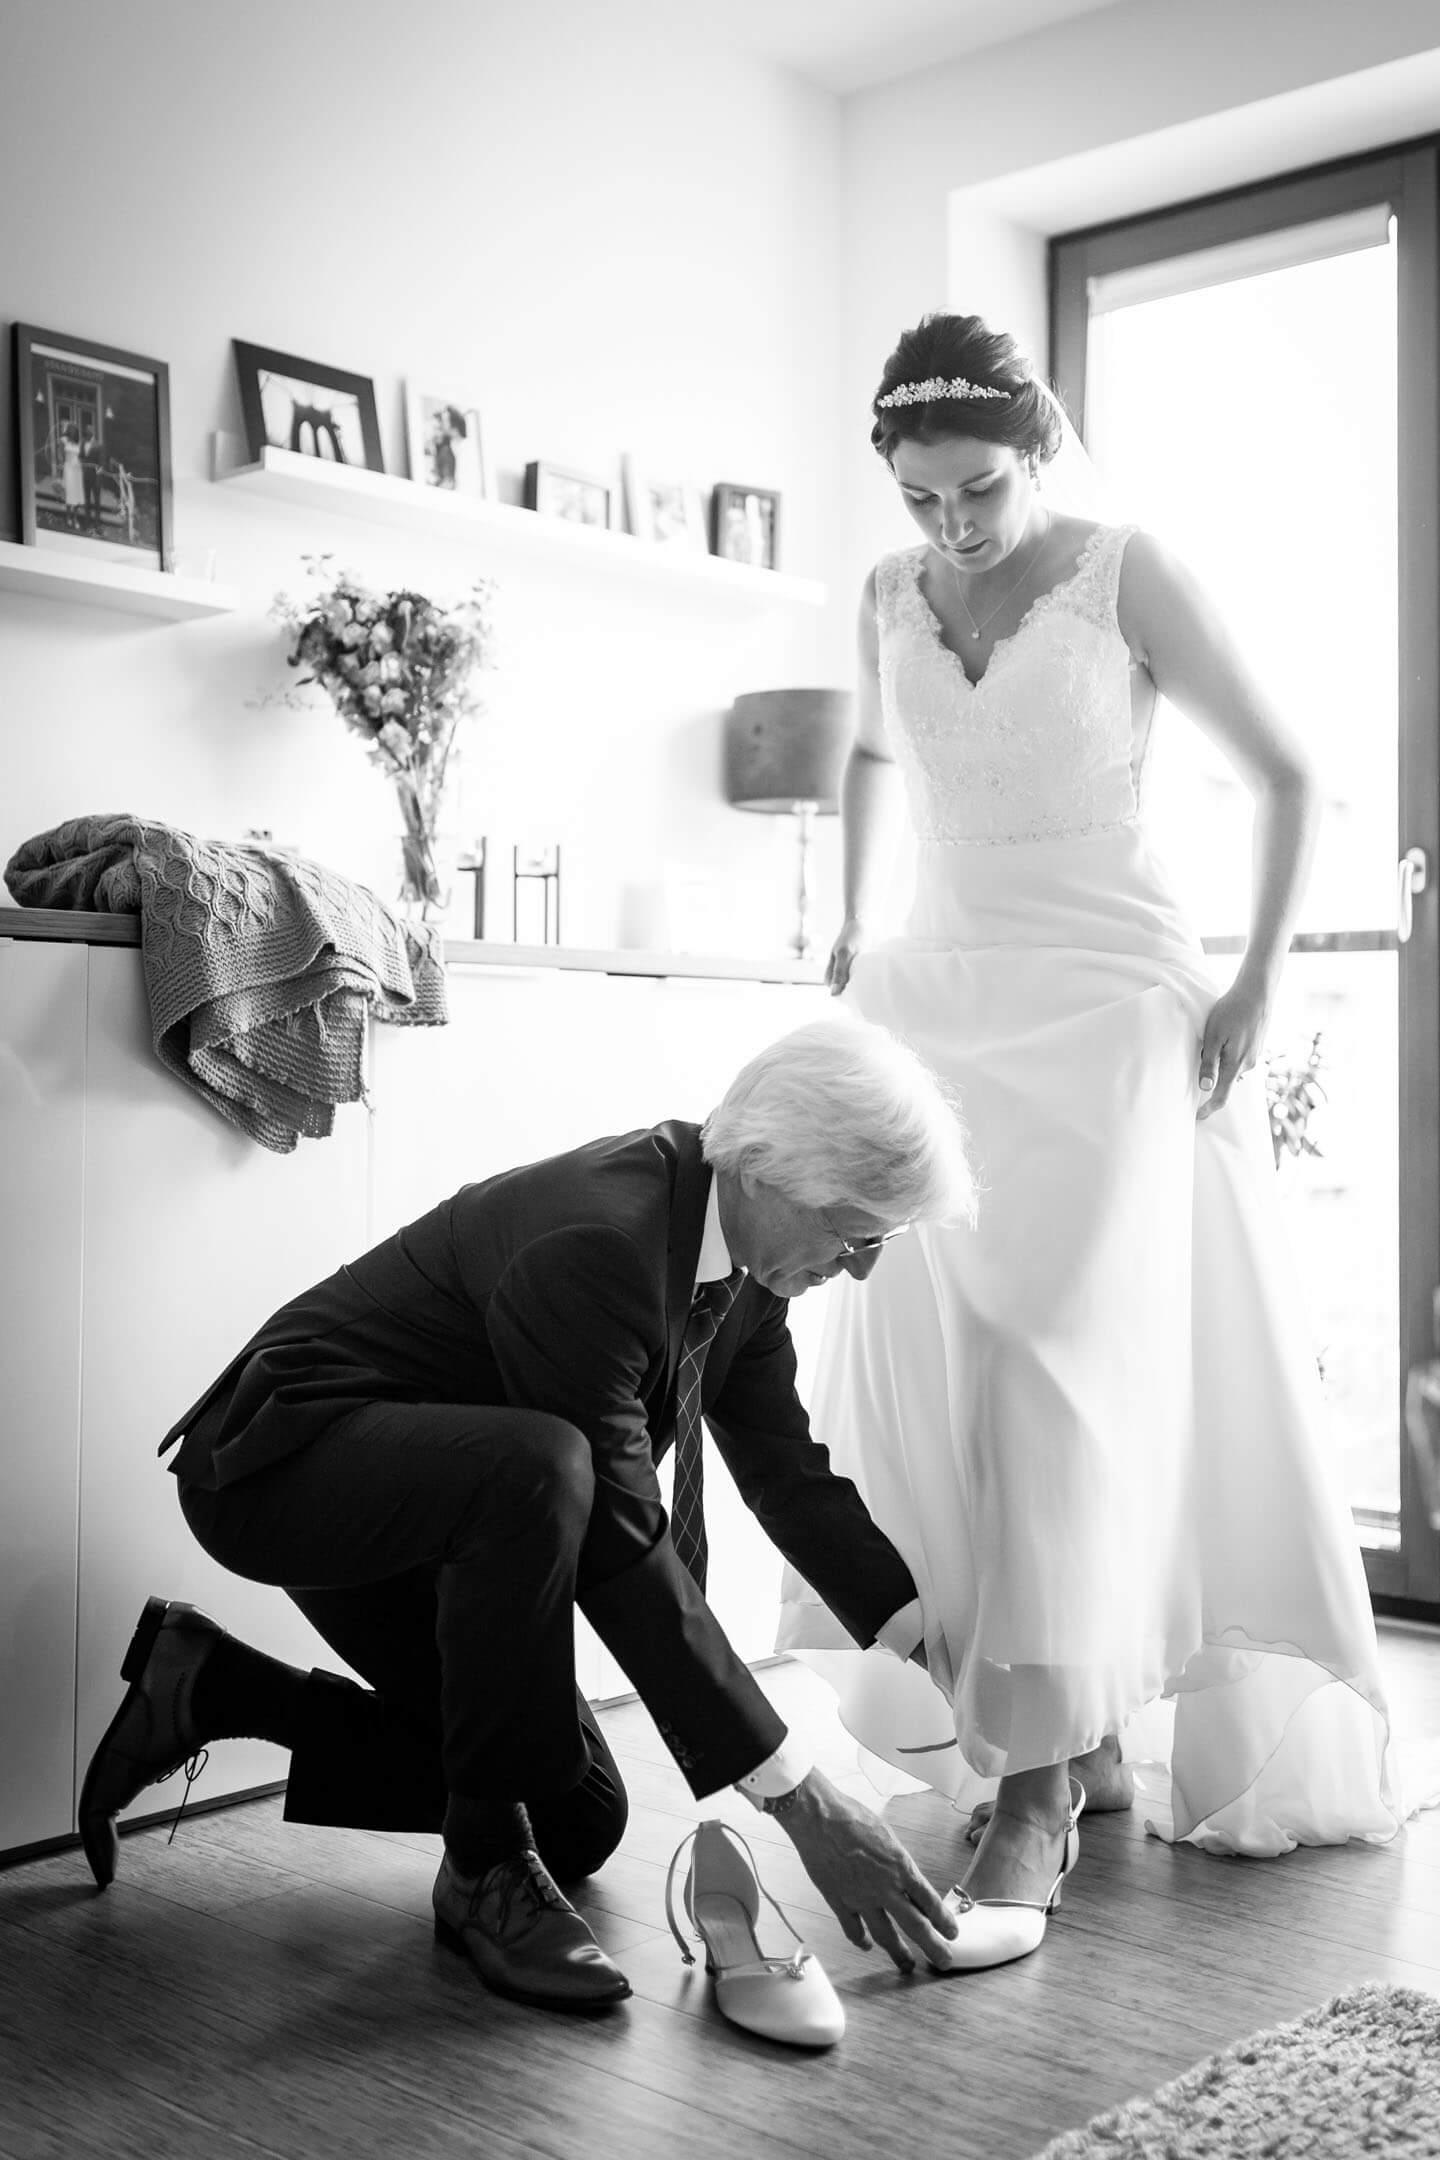 Brautvater zieht der Braut die Hochzeitsschuhe an.